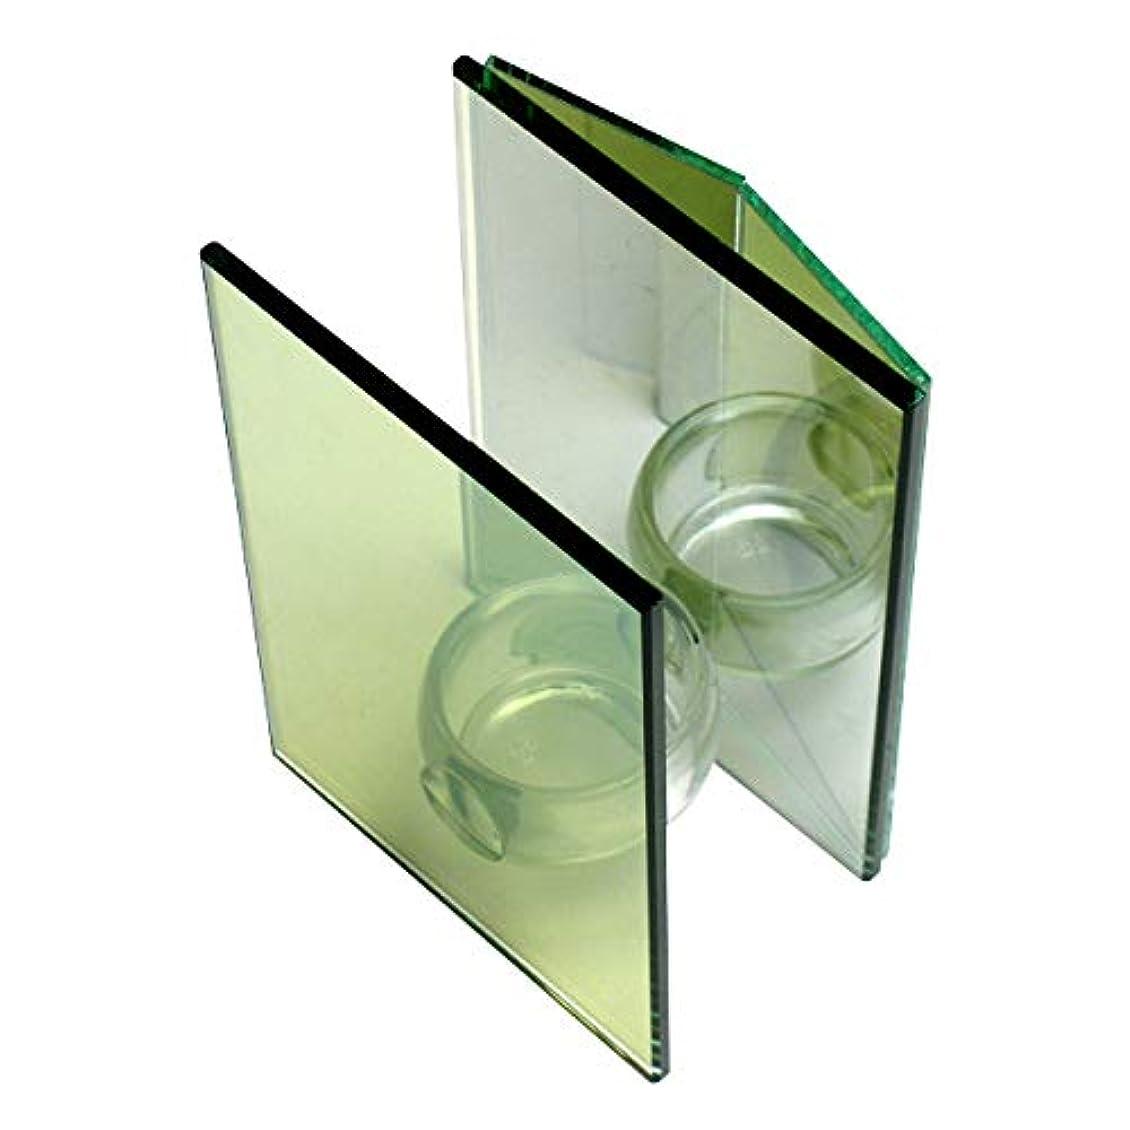 増加するごめんなさい怖がって死ぬ無限連鎖キャンドルホルダー ダブルミラー ガラス キャンドルスタンド ランタン 誕生日 ティーライトキャンドル